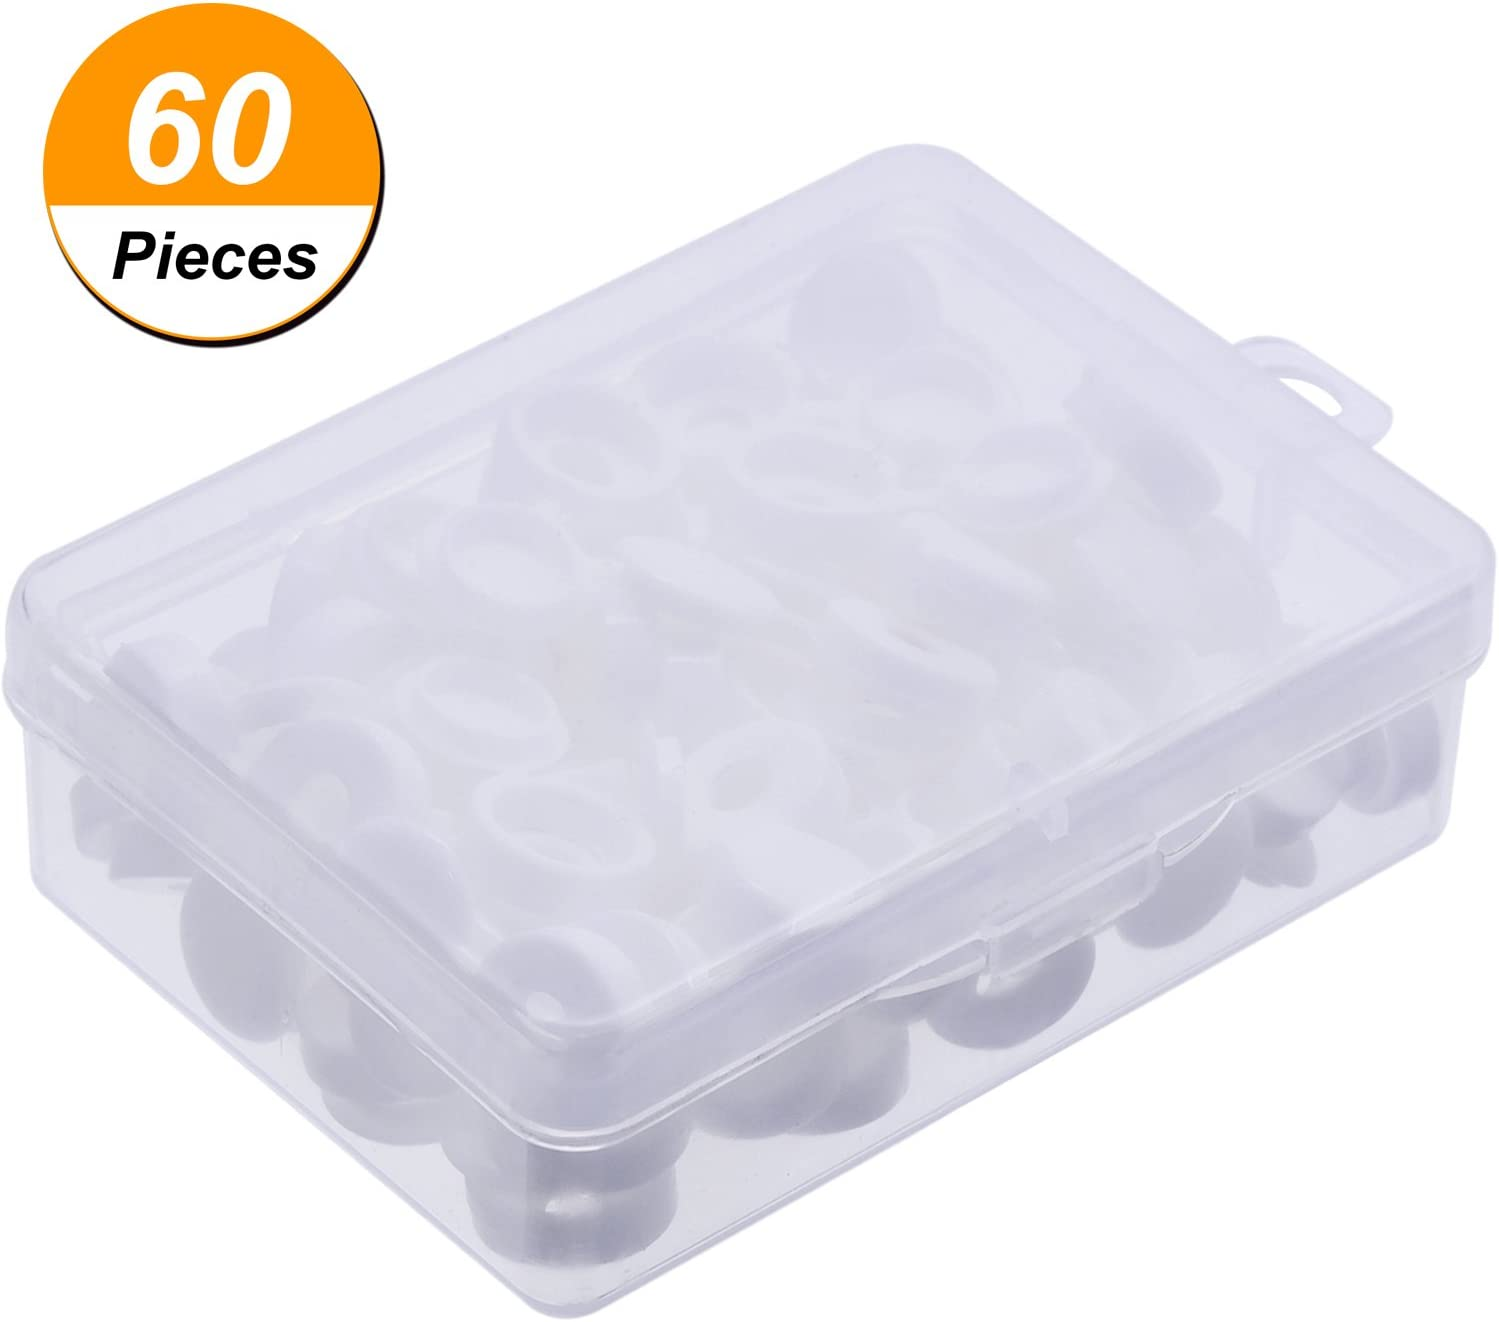 Terrazas y Paredes 200 Piezas Cubierta de Tornillo de Pl/ástico Blanco y Negro Agujero 4 mm Tapa de Tornillo para Sus Muebles